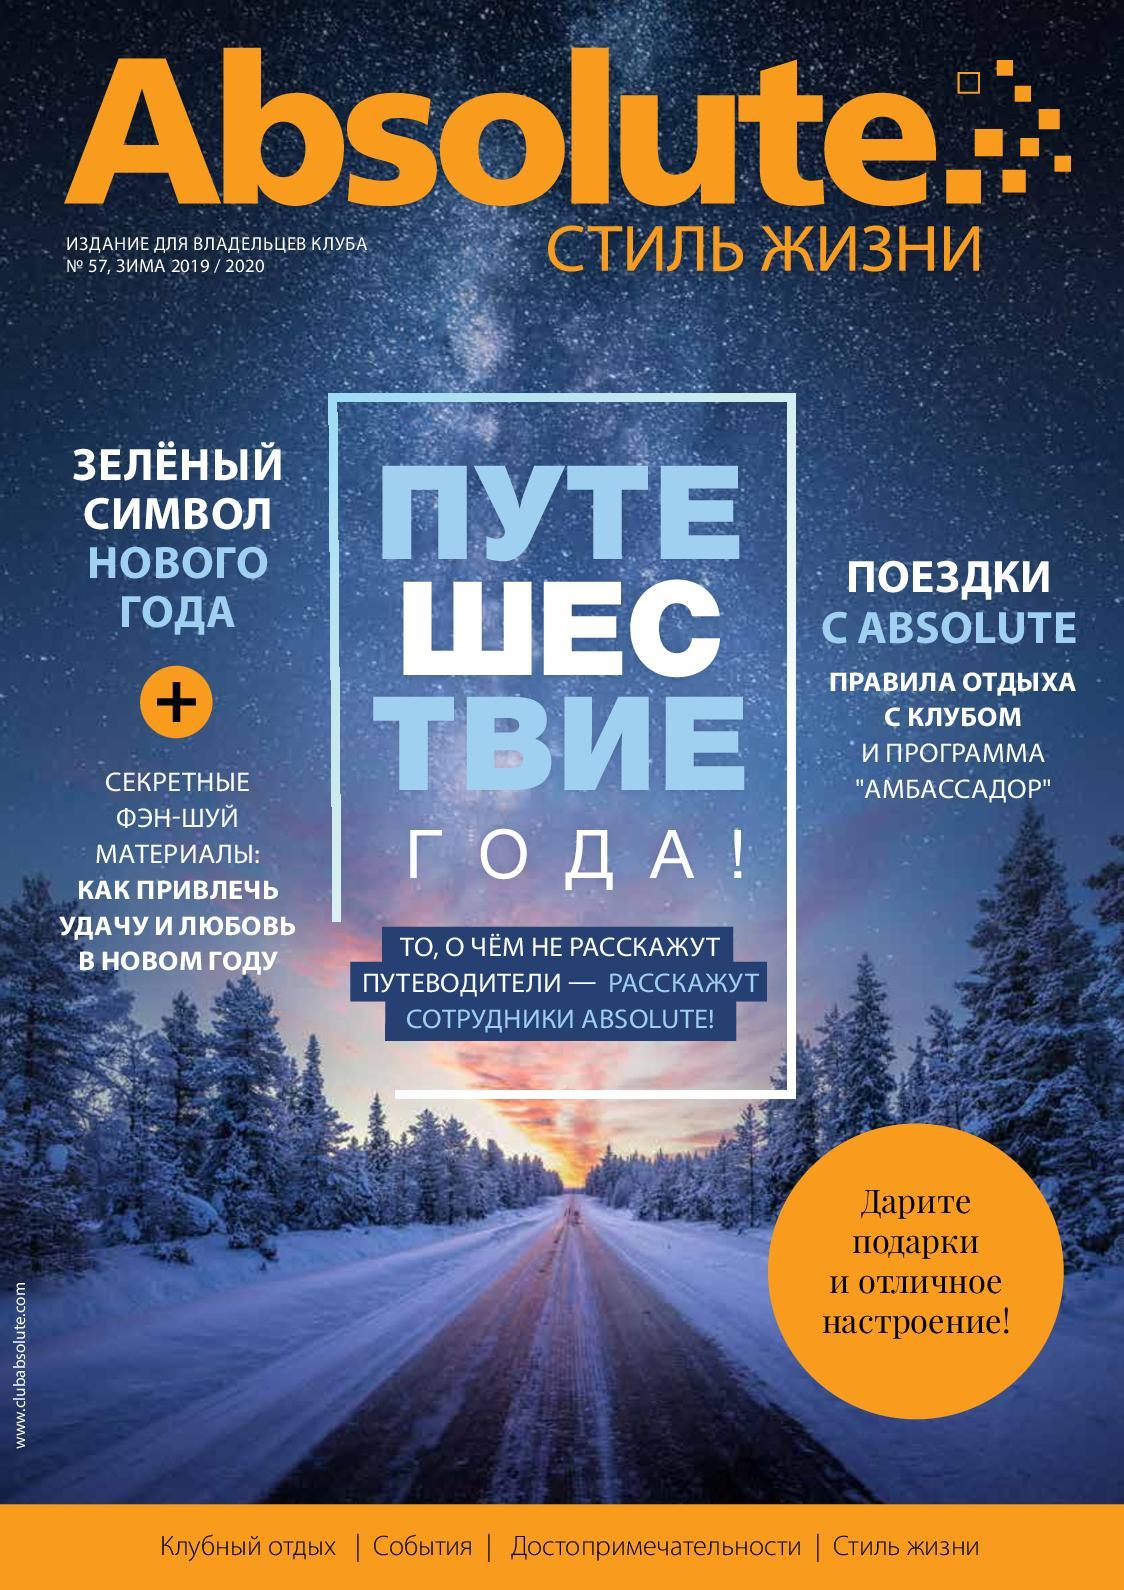 Стиль жизни Absolute, зима 2019-2020